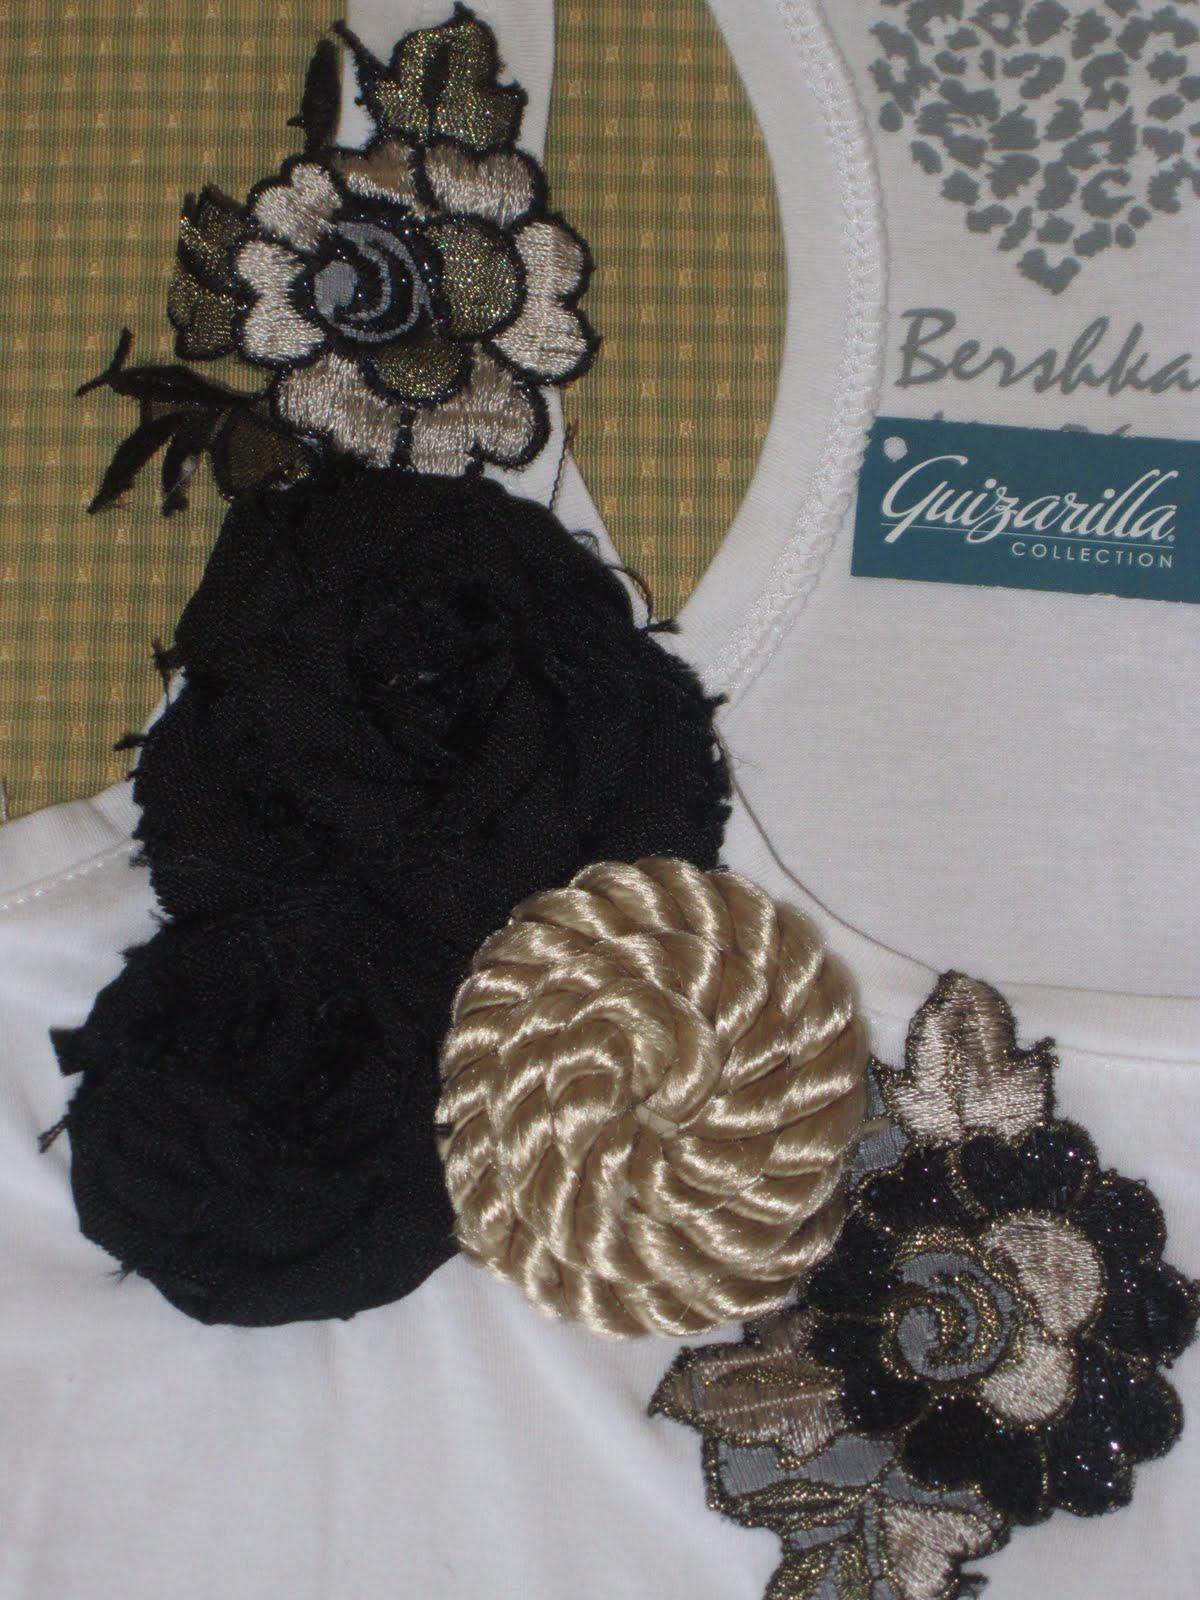 Blusas Decoradas Con Flores Franelas Decoradas Guizarilla Collection